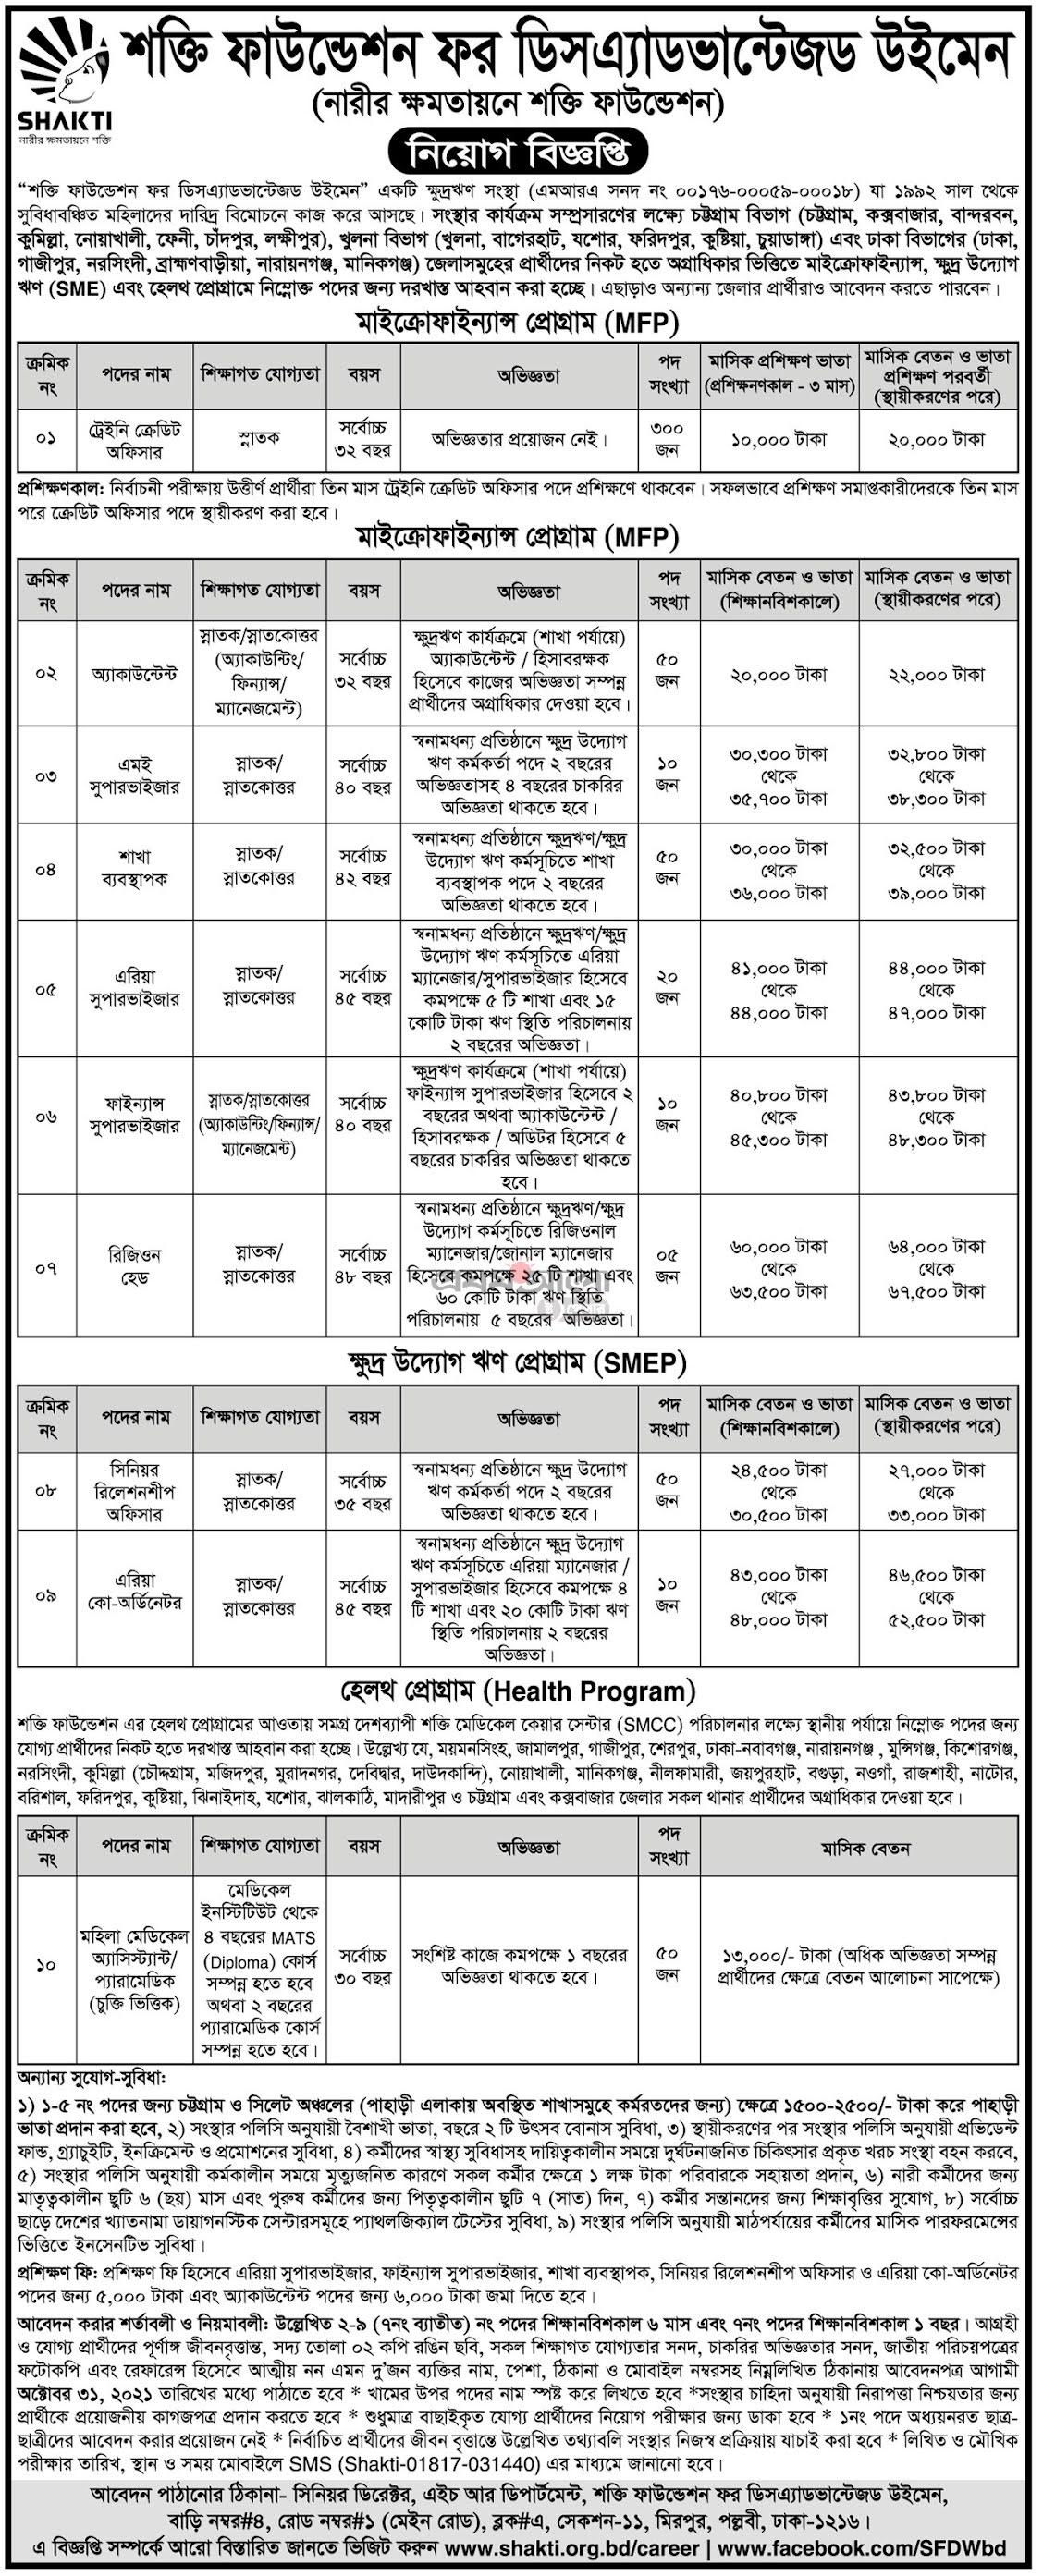 শক্তি ফাউন্ডেশন এনজিও জবস সার্কুলার - Shakti Foundation NGO Jobs Circular - NGO Job  Vacancy/Opportunity/anaunsmant